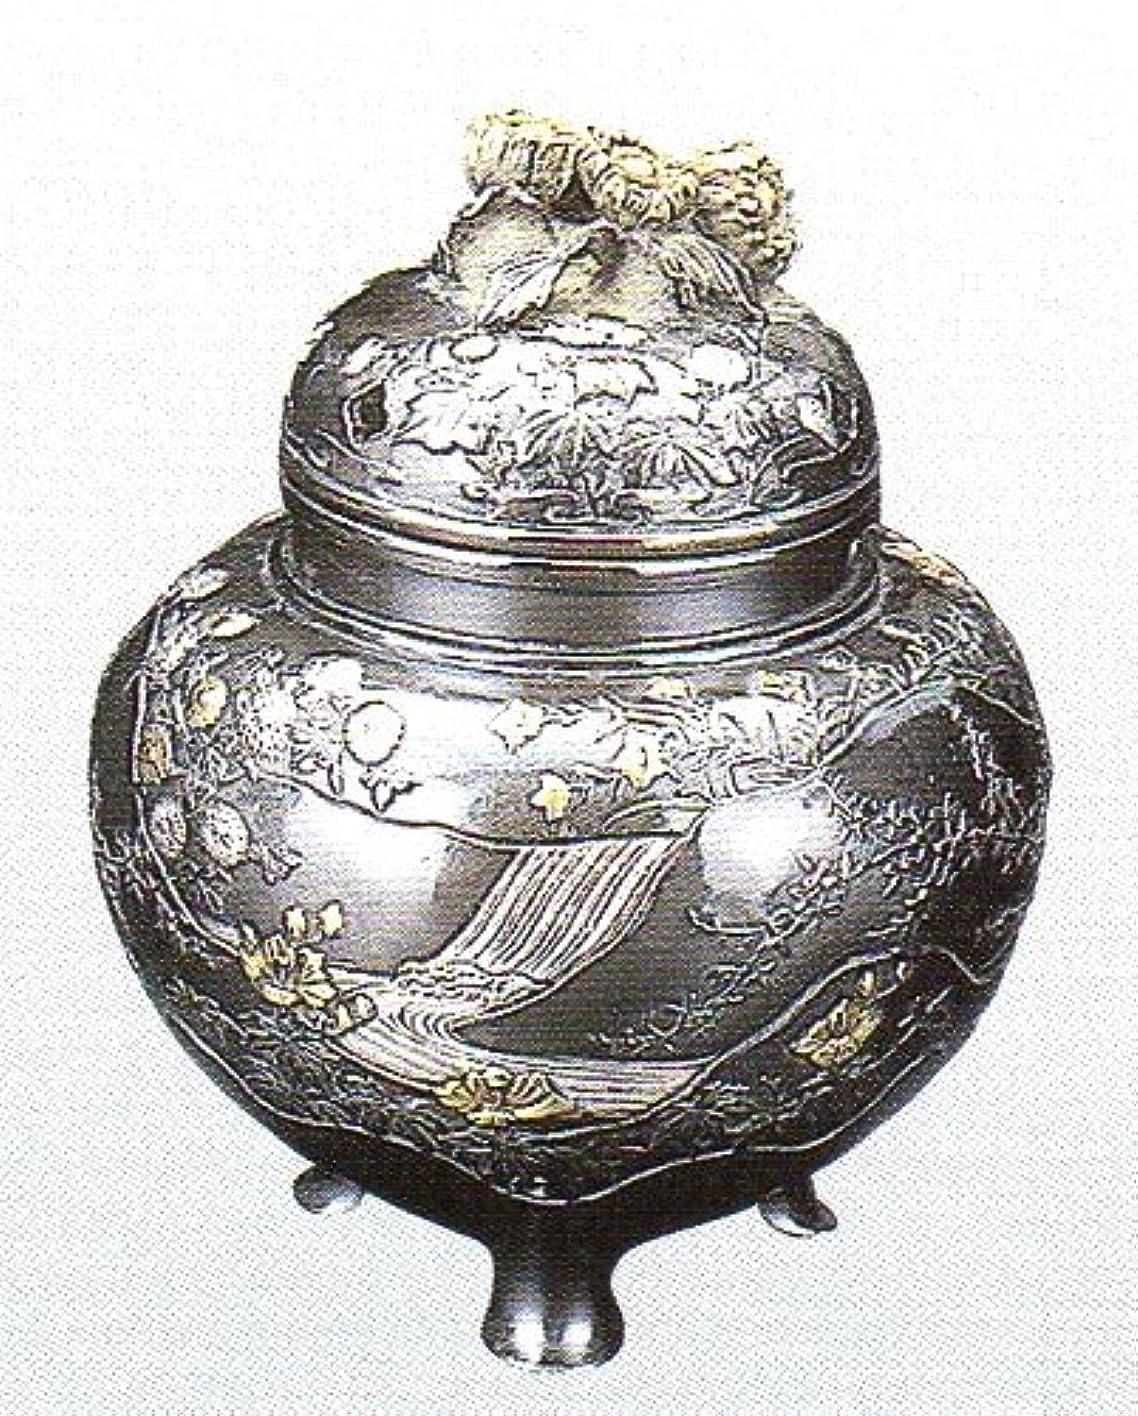 ファブリックカリングプール香炉 四季 蝋型青銅製 桐箱入 高さ10.2×幅9.2×奥行9.2cm